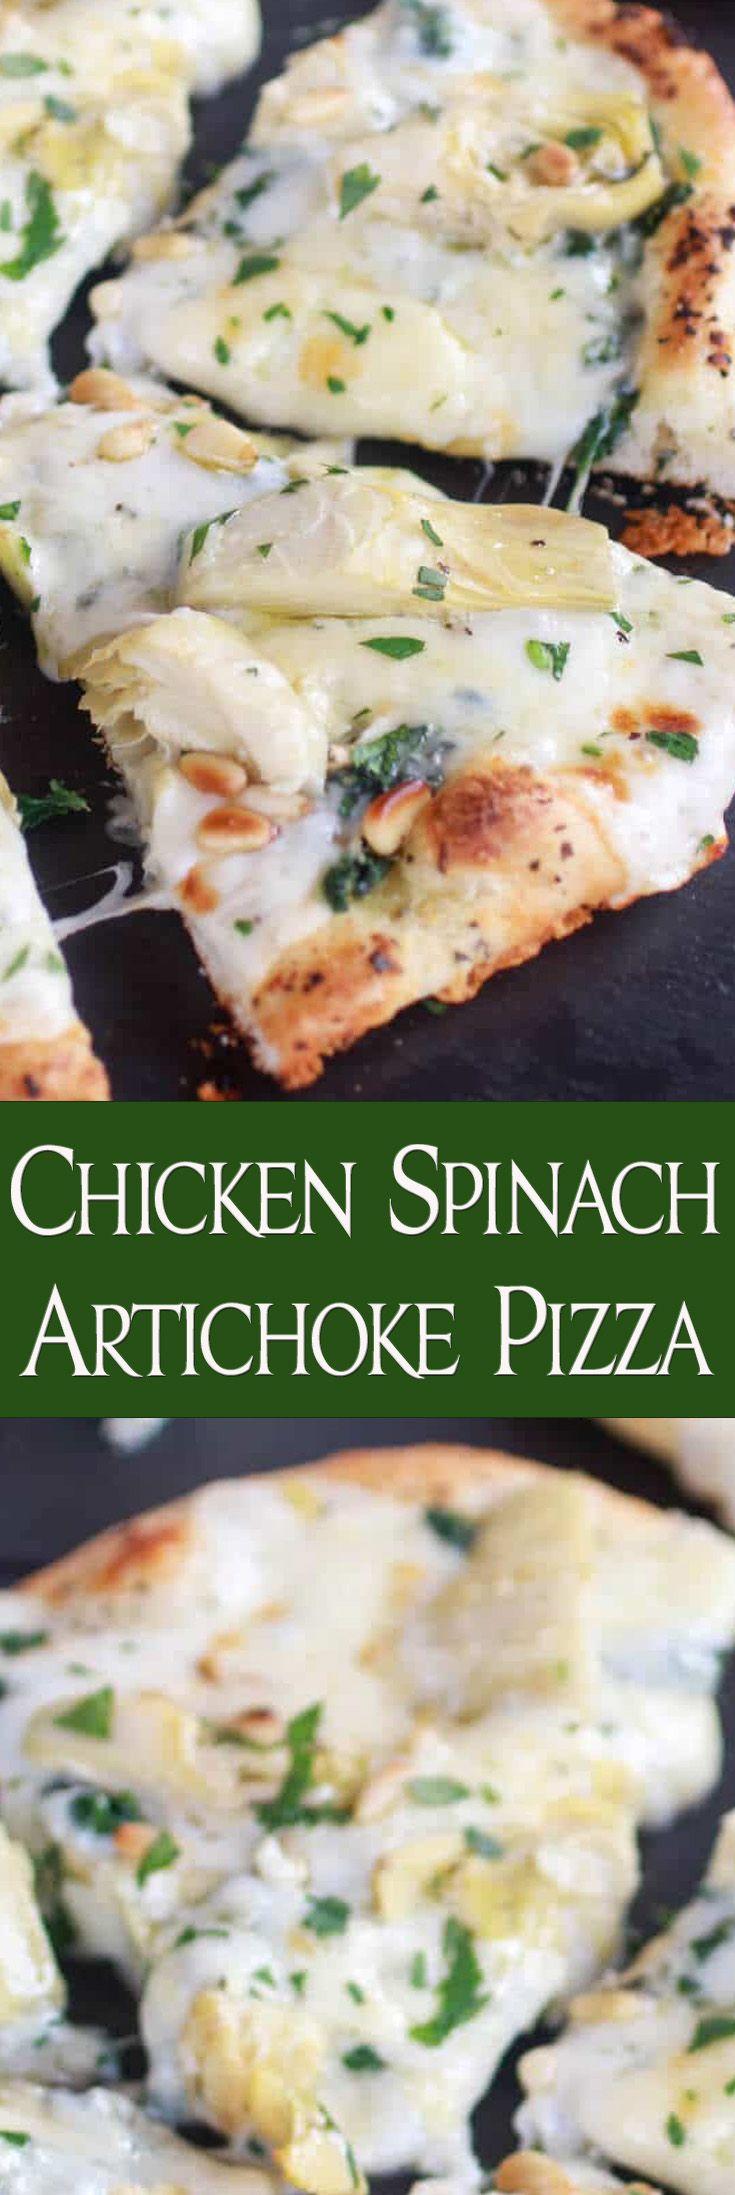 Chicken Spinach Artichoke Pizza